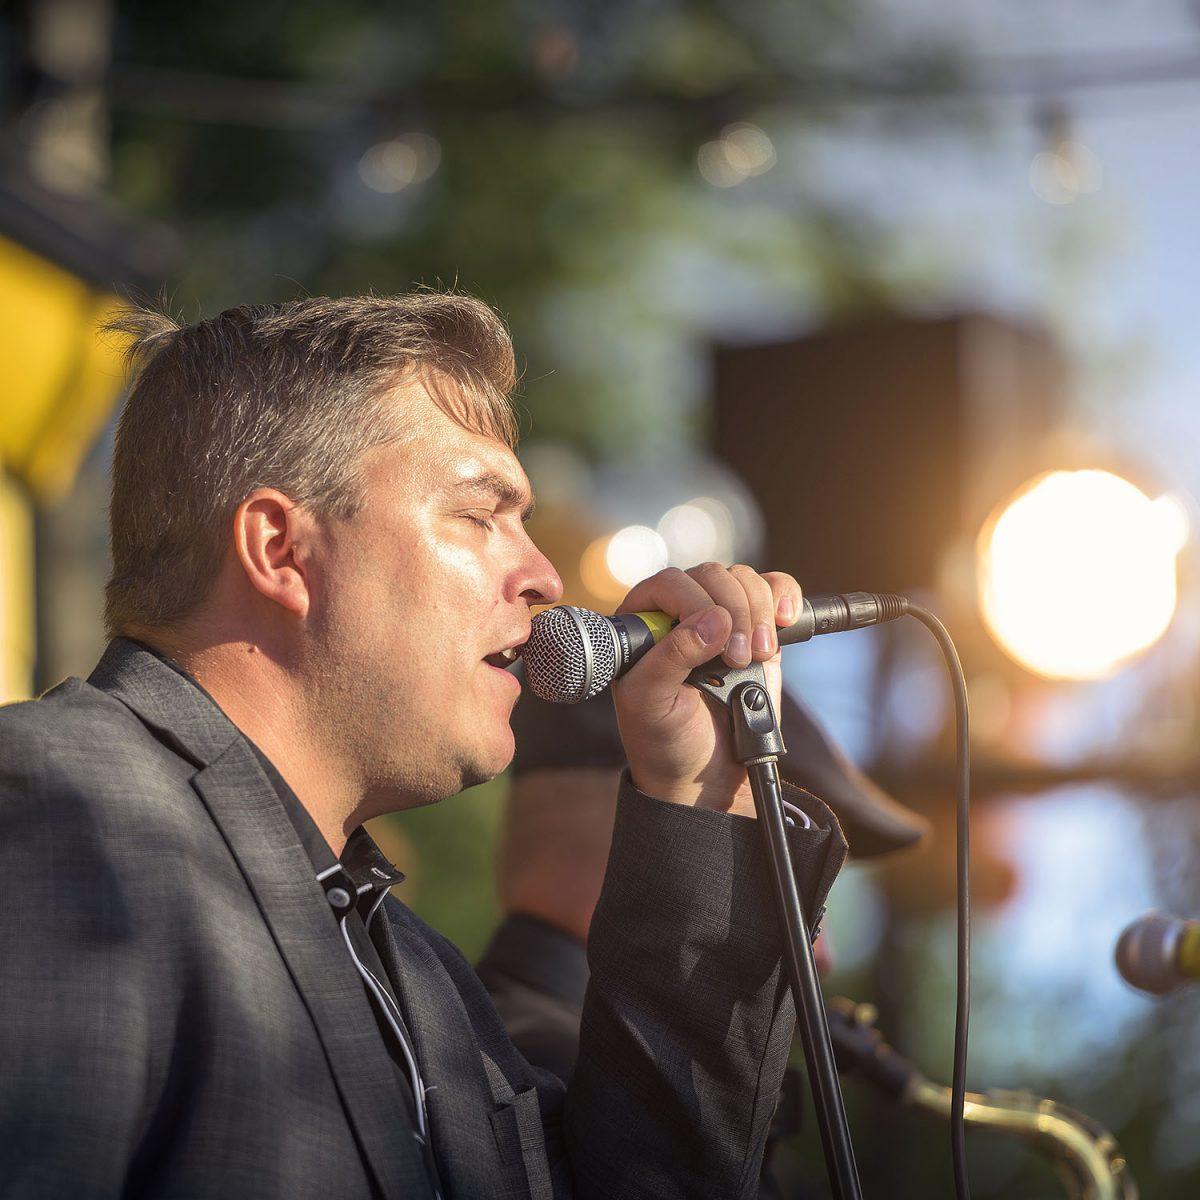 """HARRASTAJA: Rautalankabändin laulaja Marko Iltanen: """"Lauluissamme on kitara, taivas, tähdet ja rakkaus"""""""